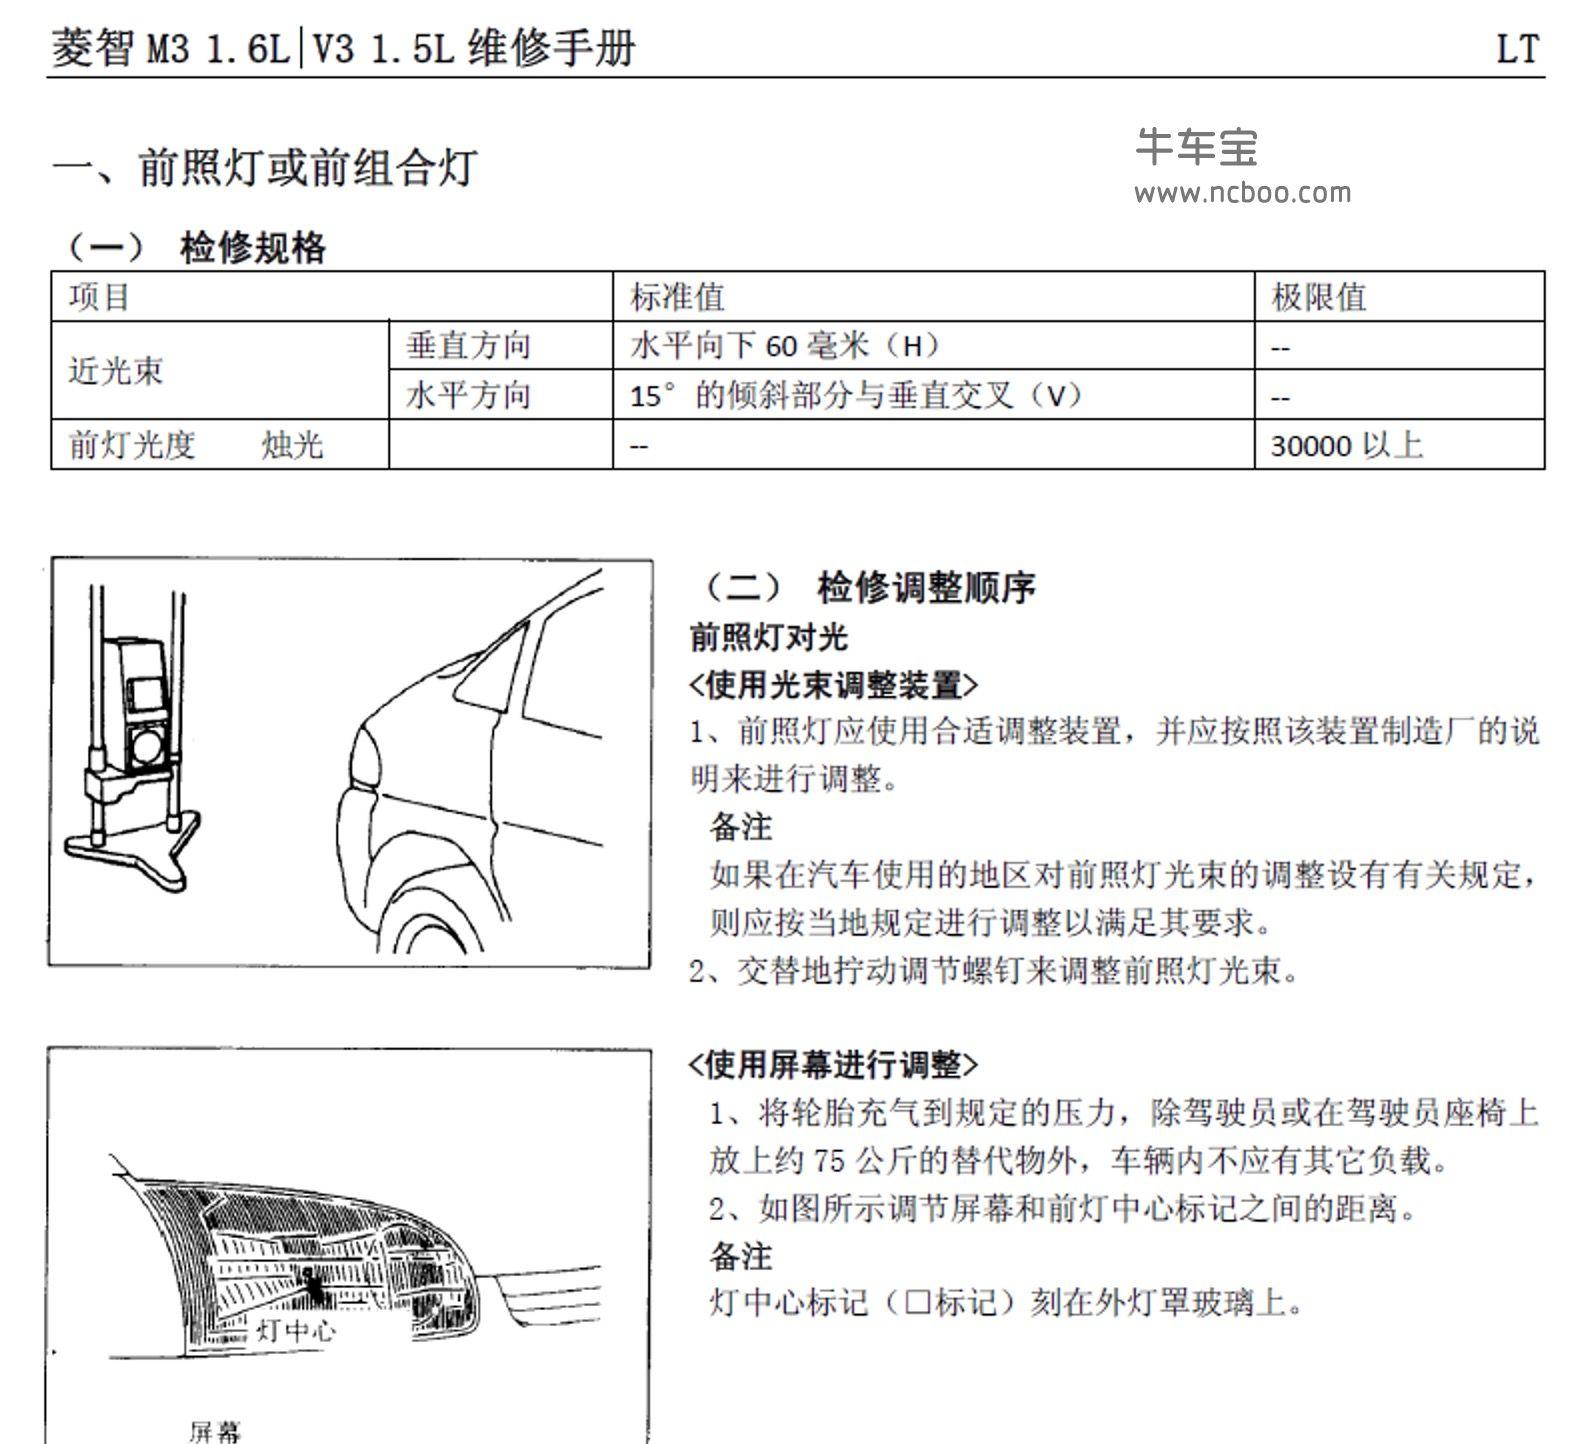 2016-2017款东风风行菱智M3 V3原厂维修手册和电路图